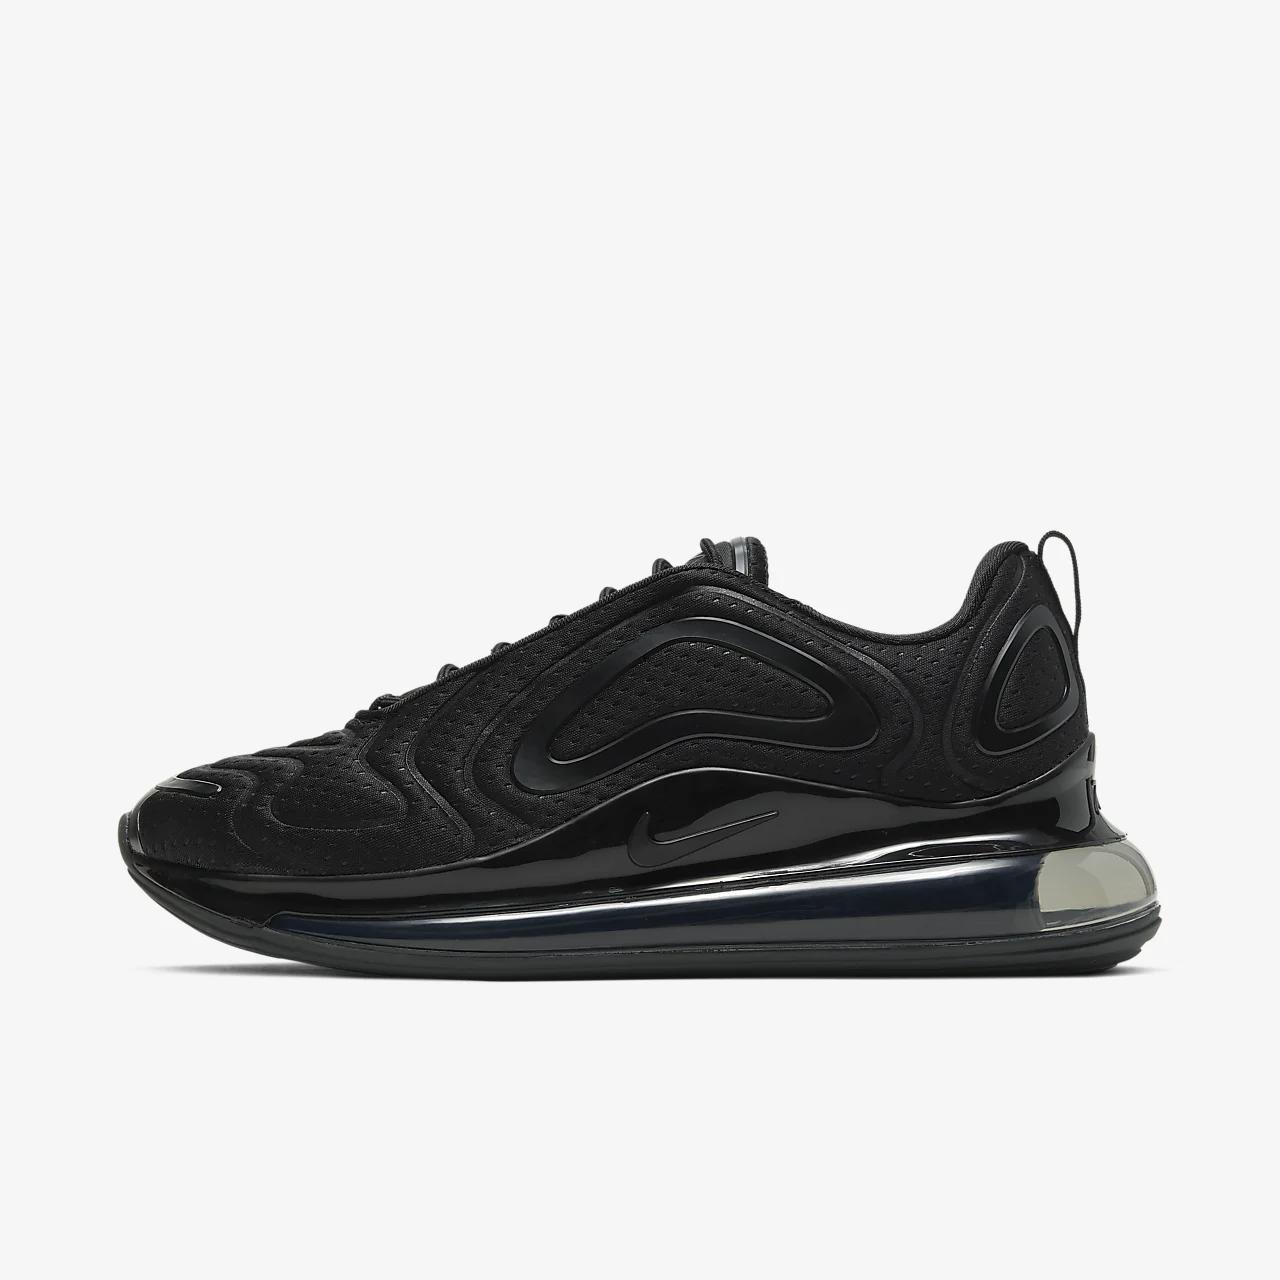 유럽직배송 나이키 NIKE Nike Air Max 720 Men's Shoe AO2924-015